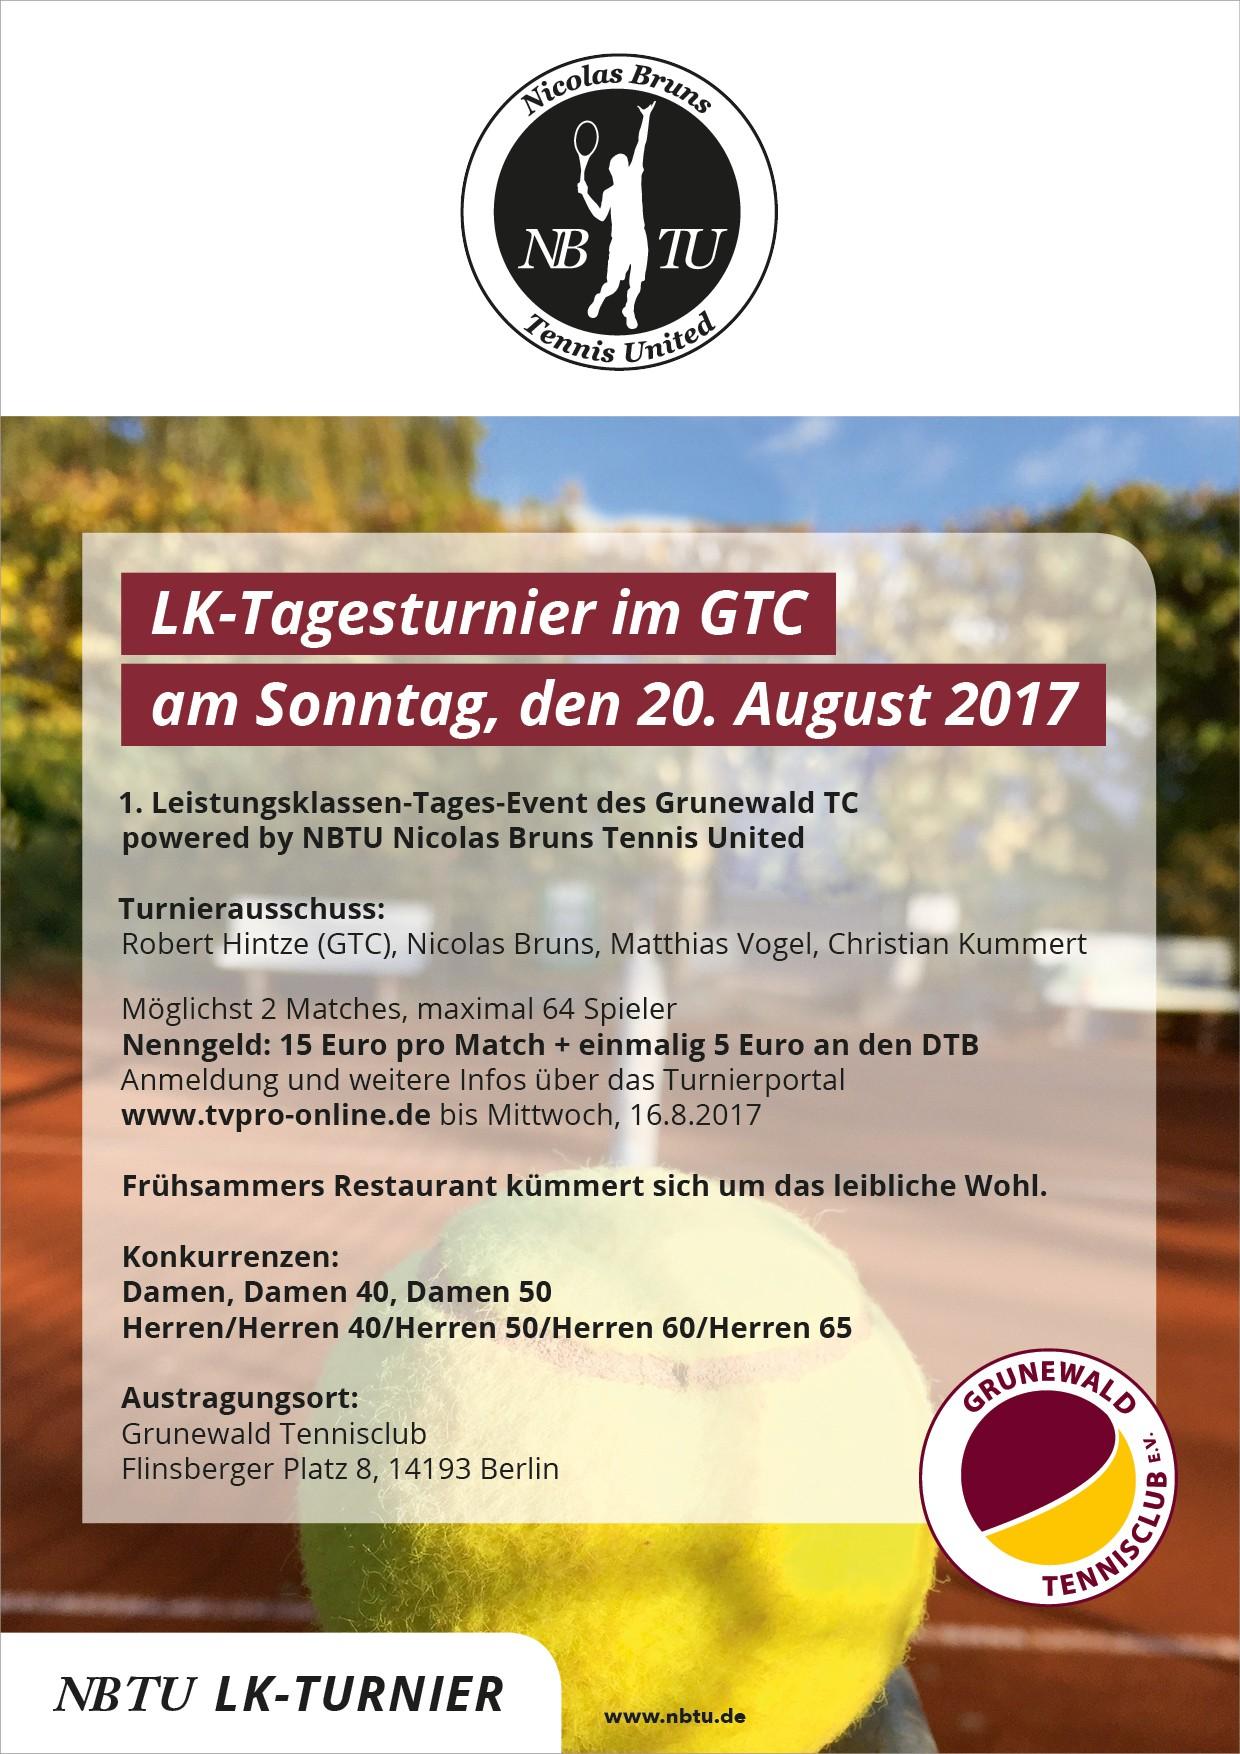 1. LK-Tagesturnier 2017